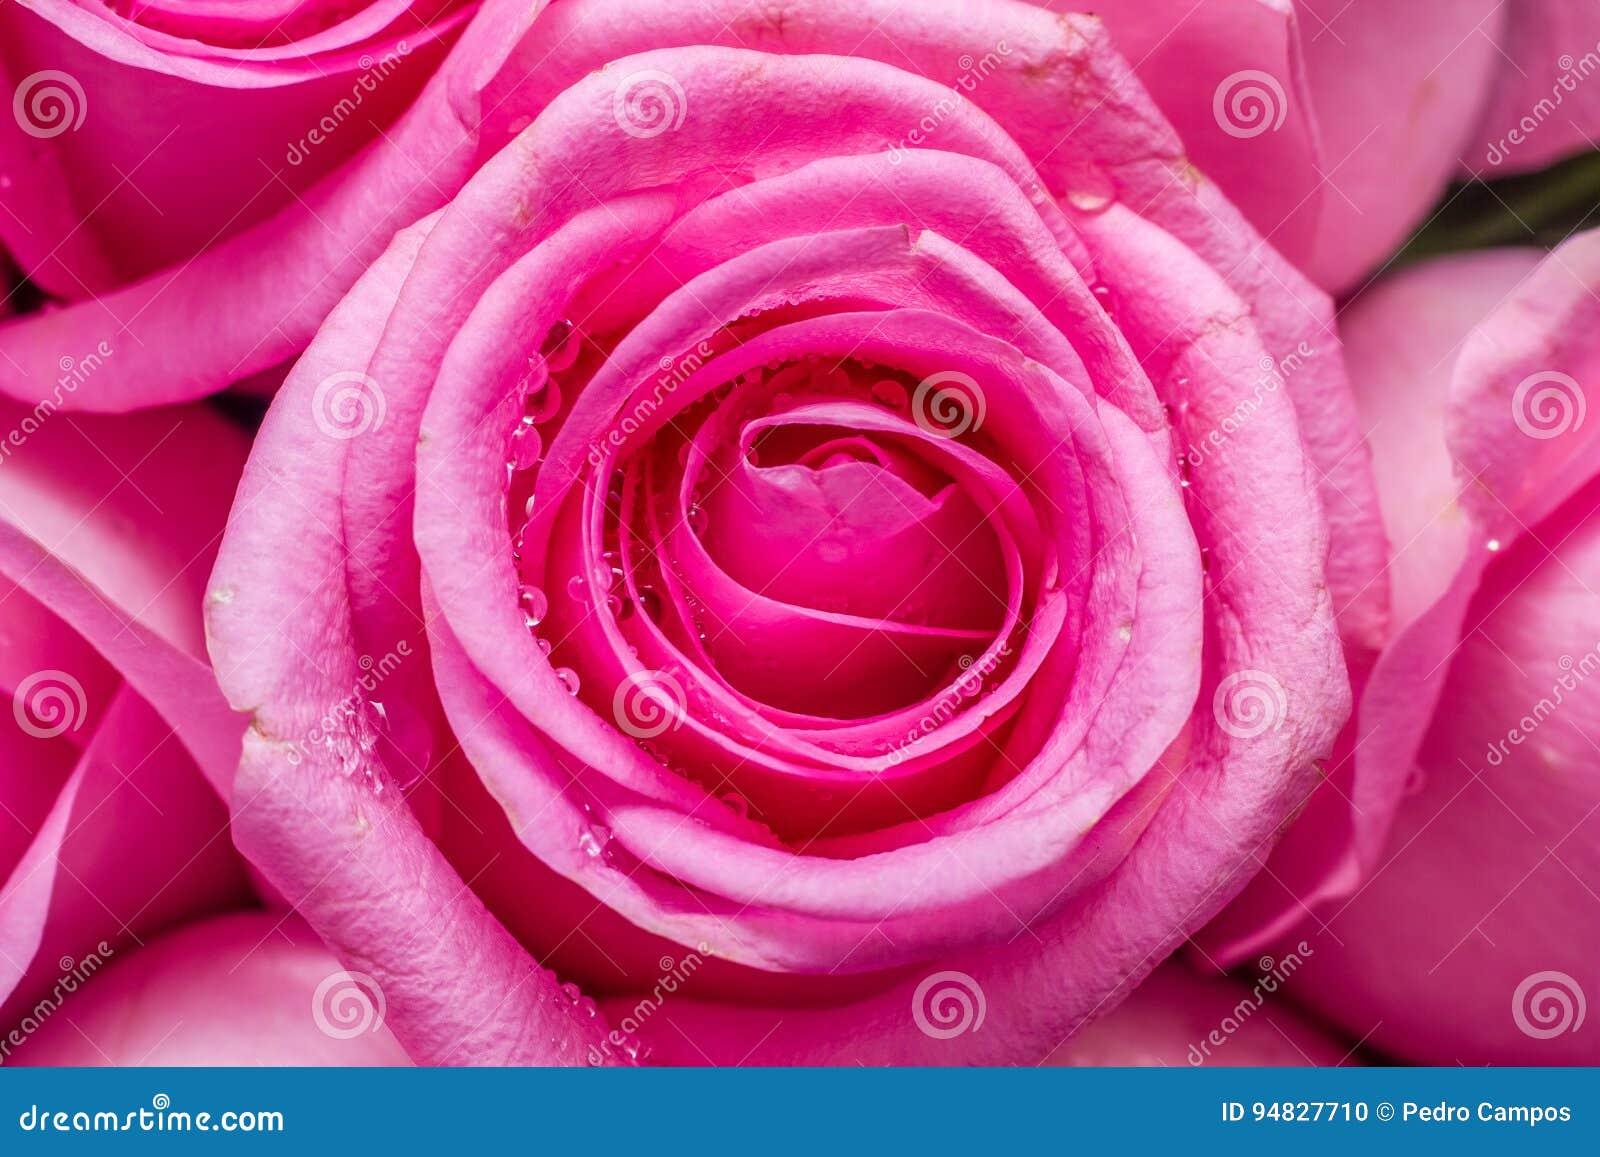 - rose,